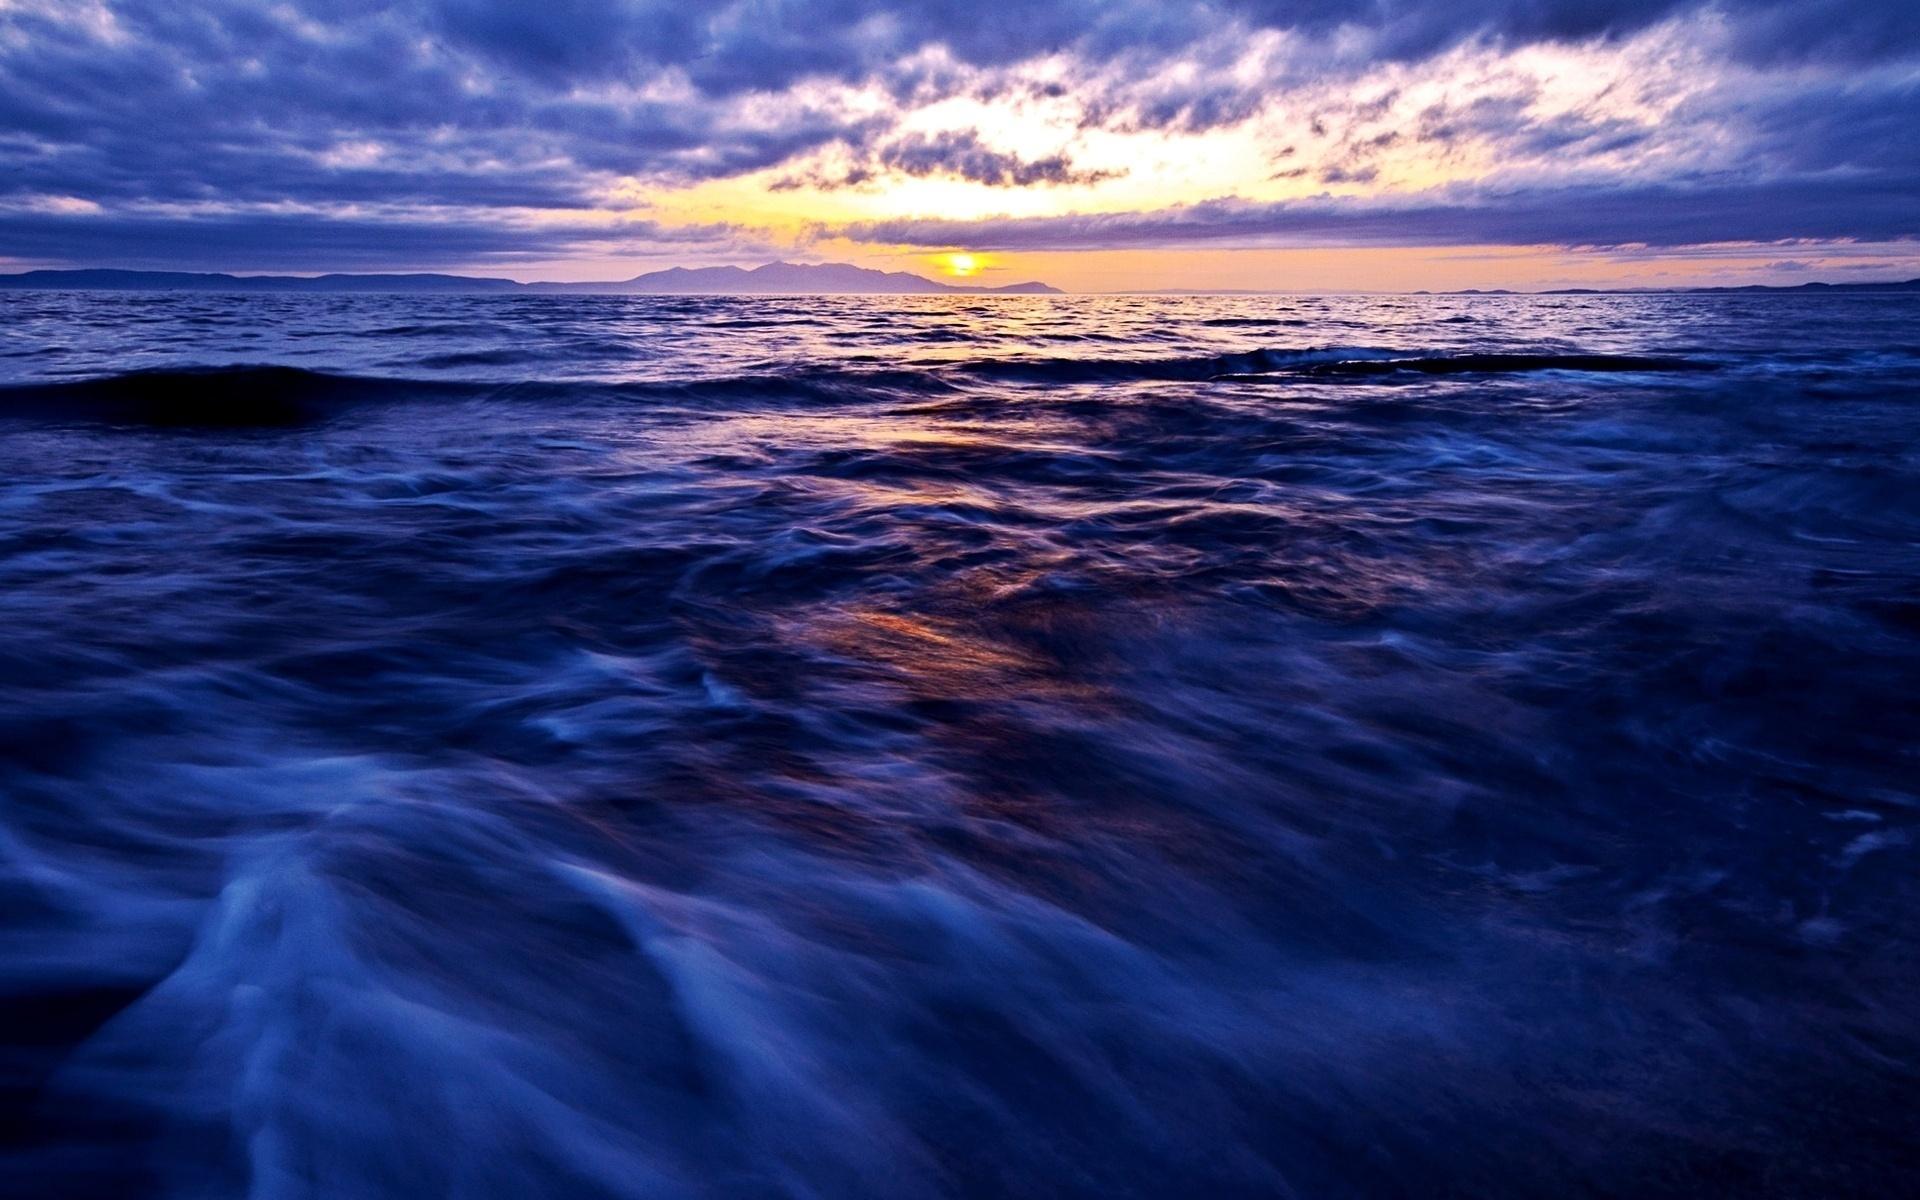 14429 скачать обои Пейзаж, Вода, Закат, Небо, Море - заставки и картинки бесплатно